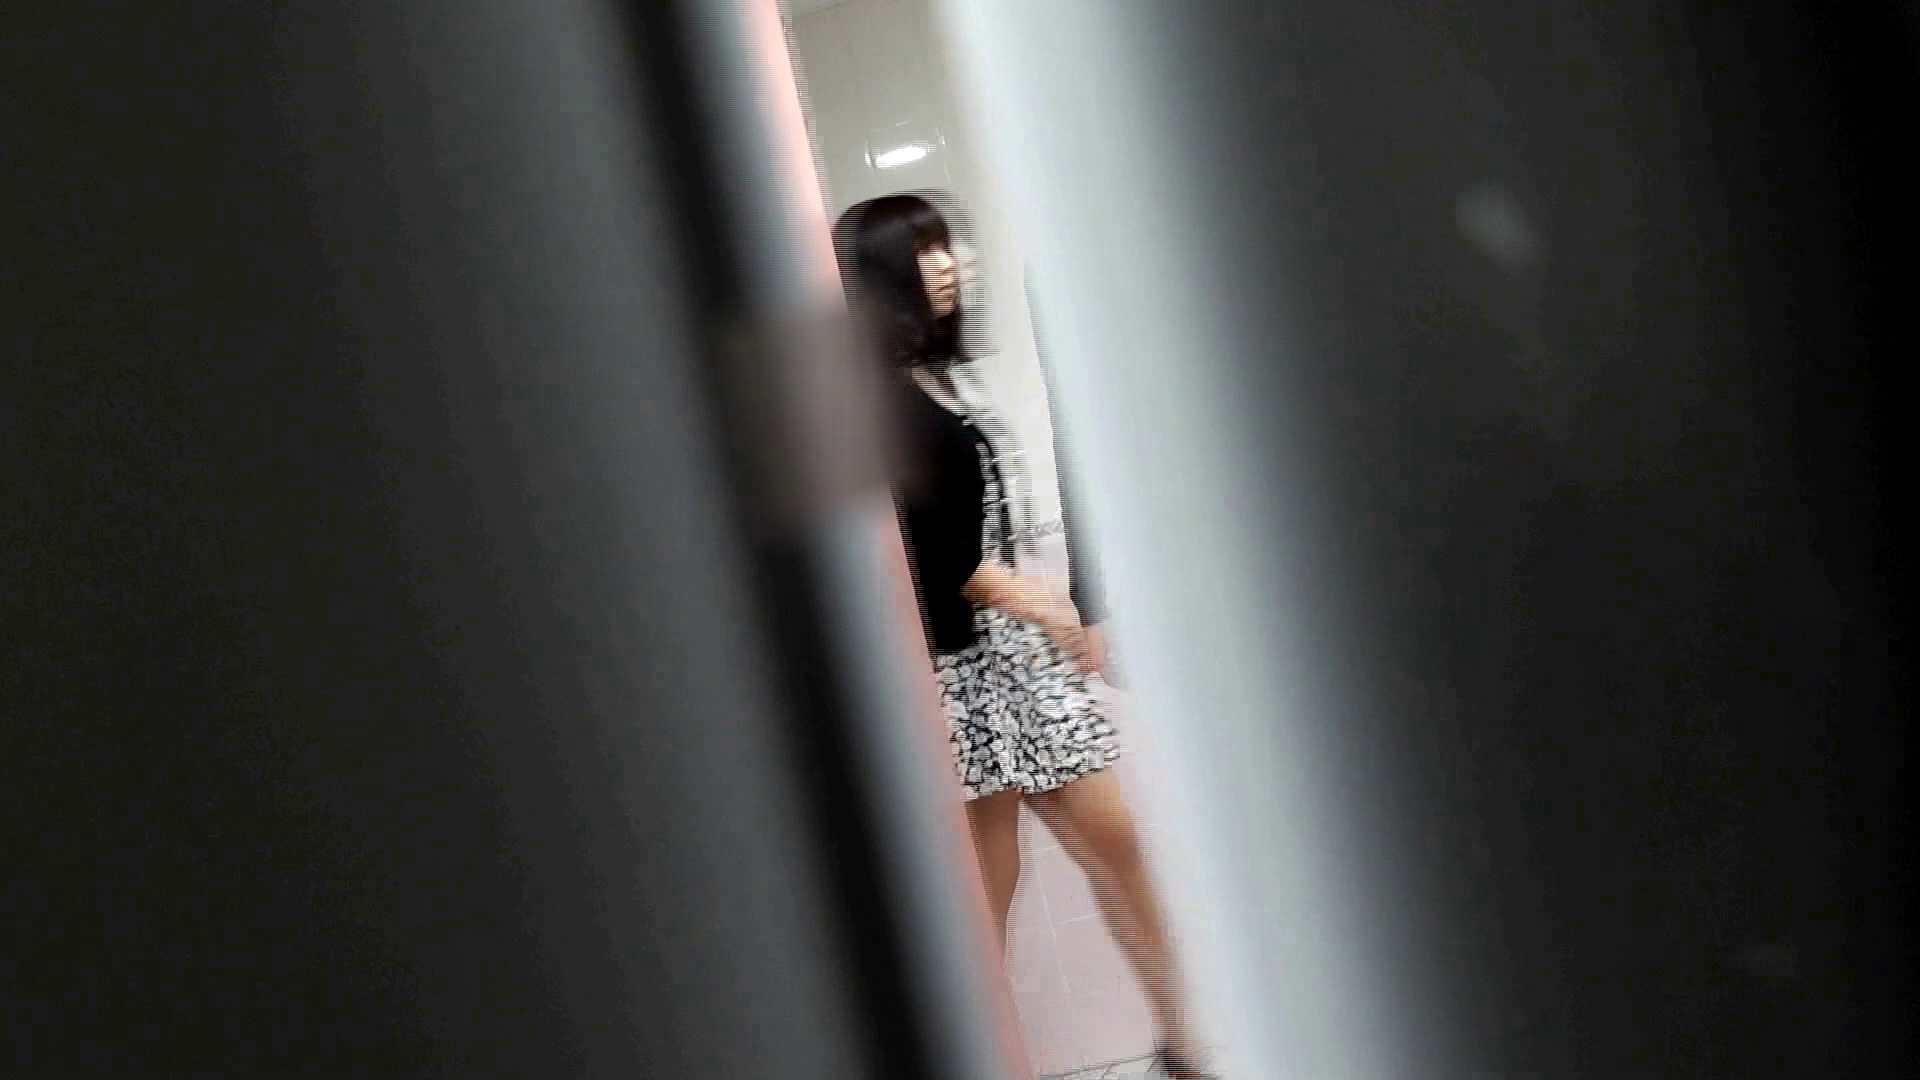 美しい日本の未来 特別版 軌跡2 洗面所のぞき おめこ無修正動画無料 93枚 56